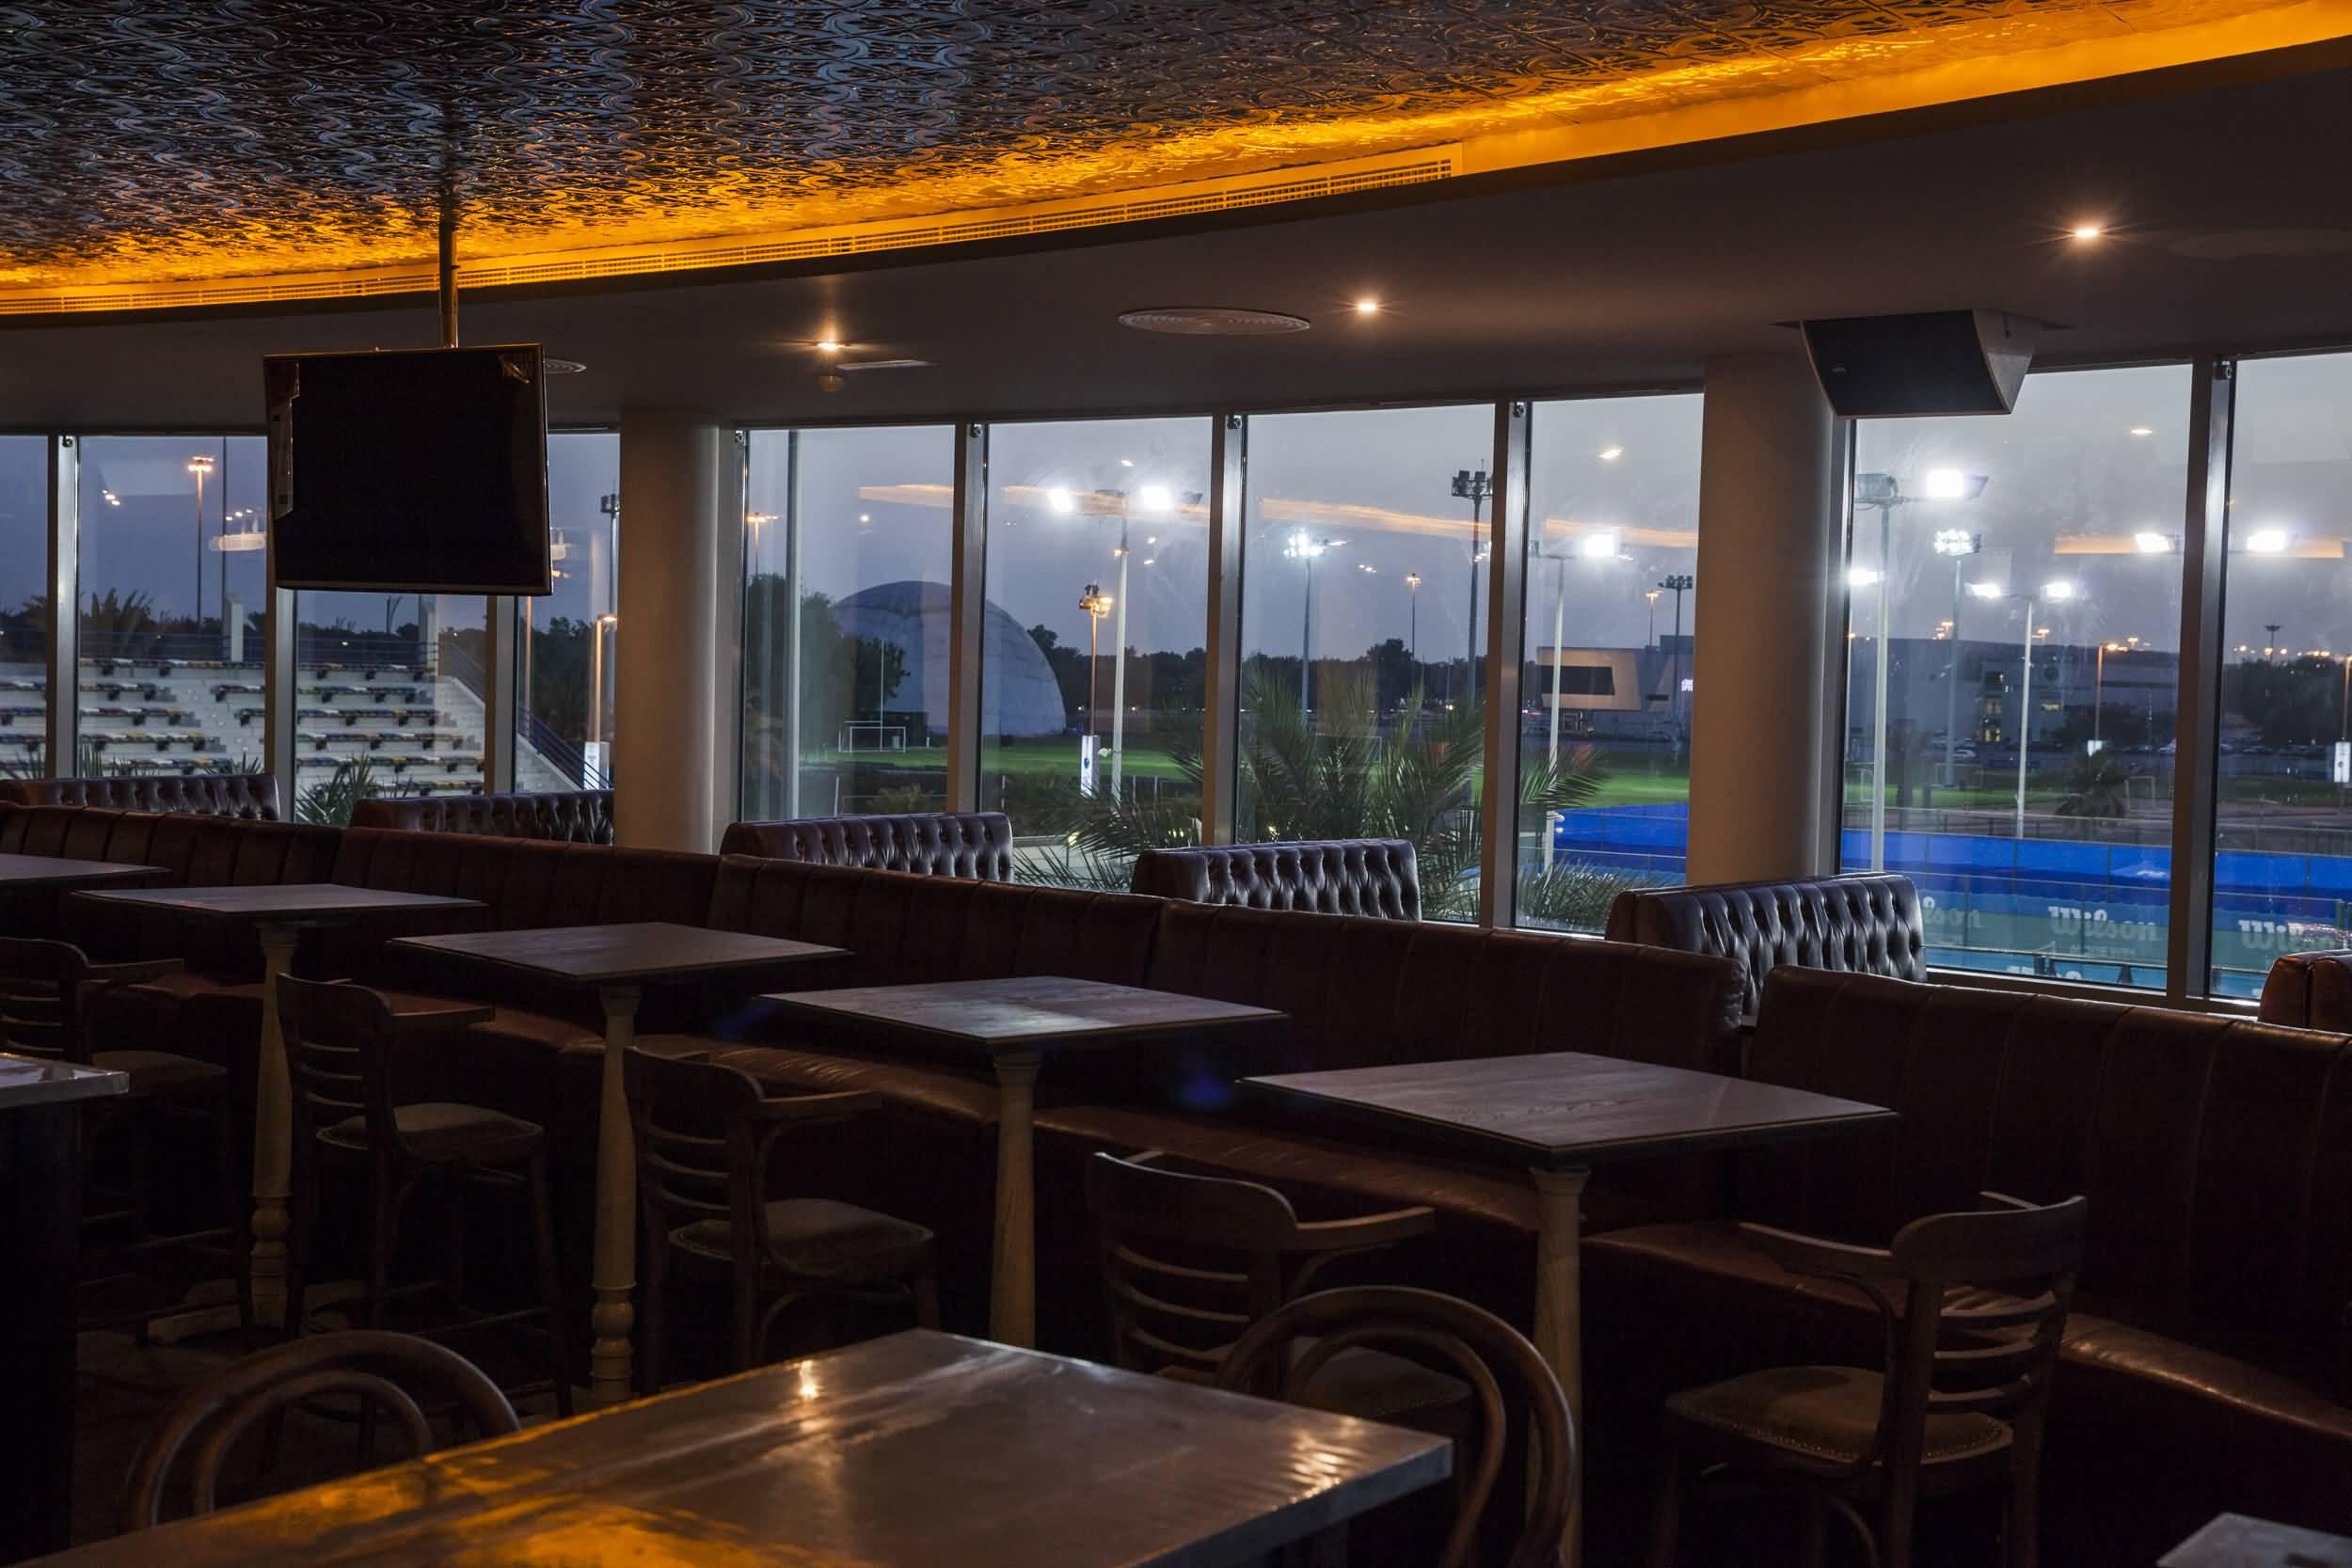 صورة افتتاح مطعم سبورتسمانز آرمز في أبوظبي